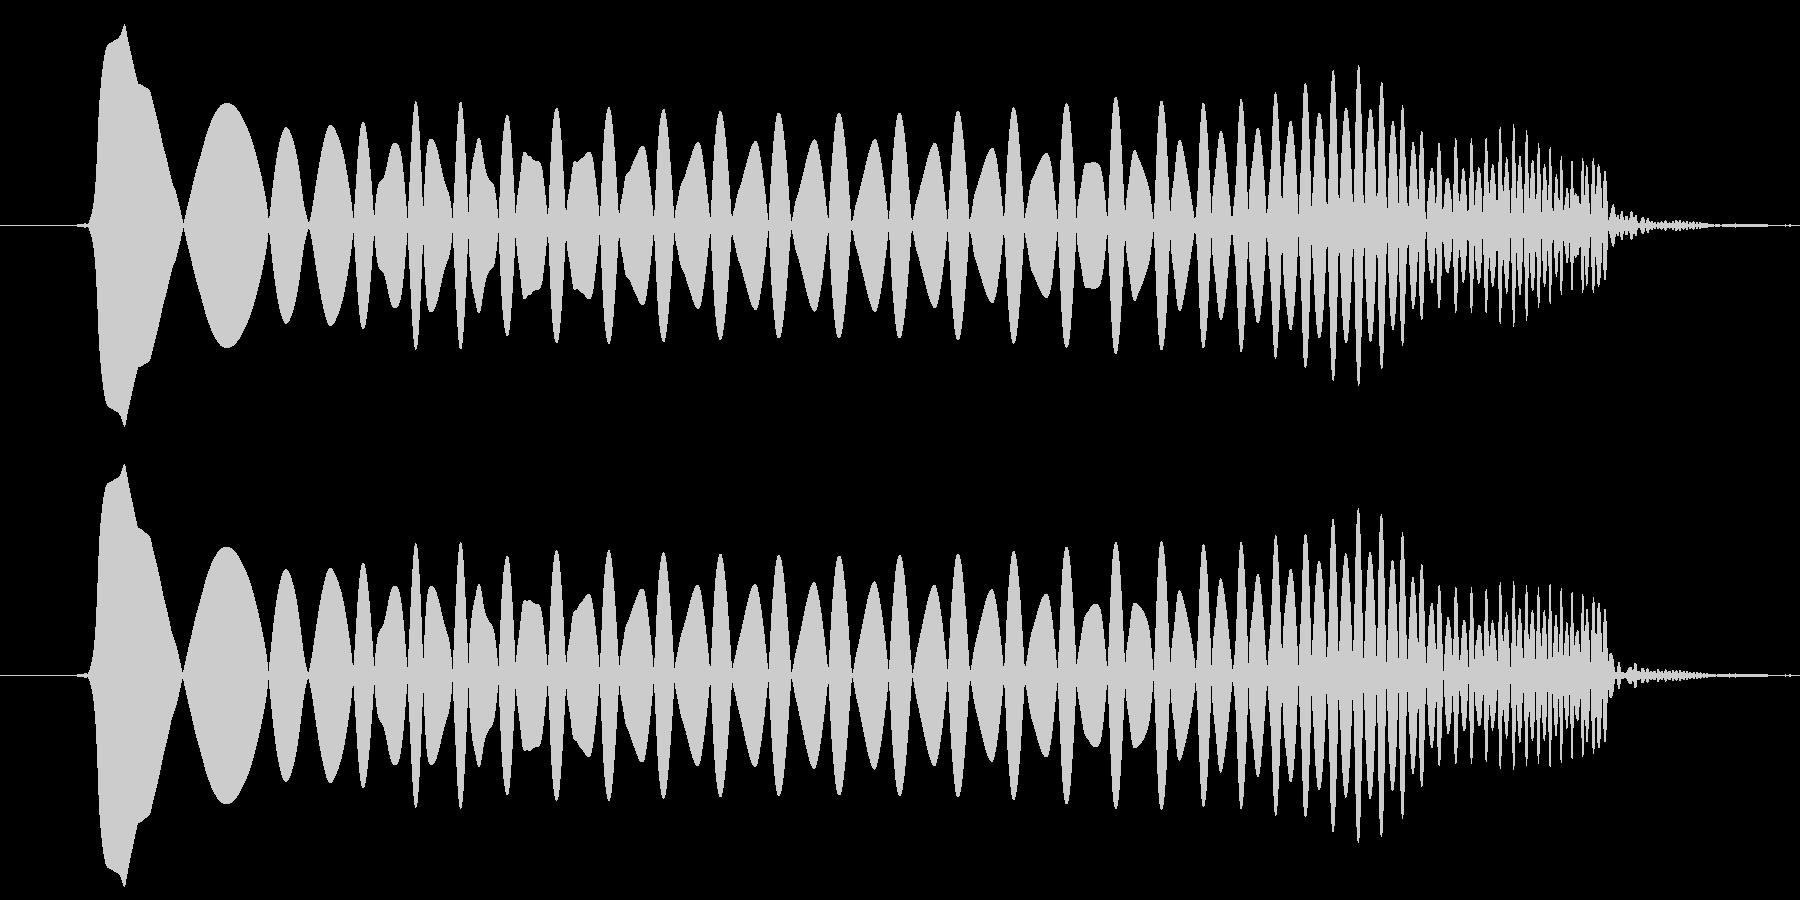 ブヨ(スライム・弾力のある物を踏んだ音)の未再生の波形